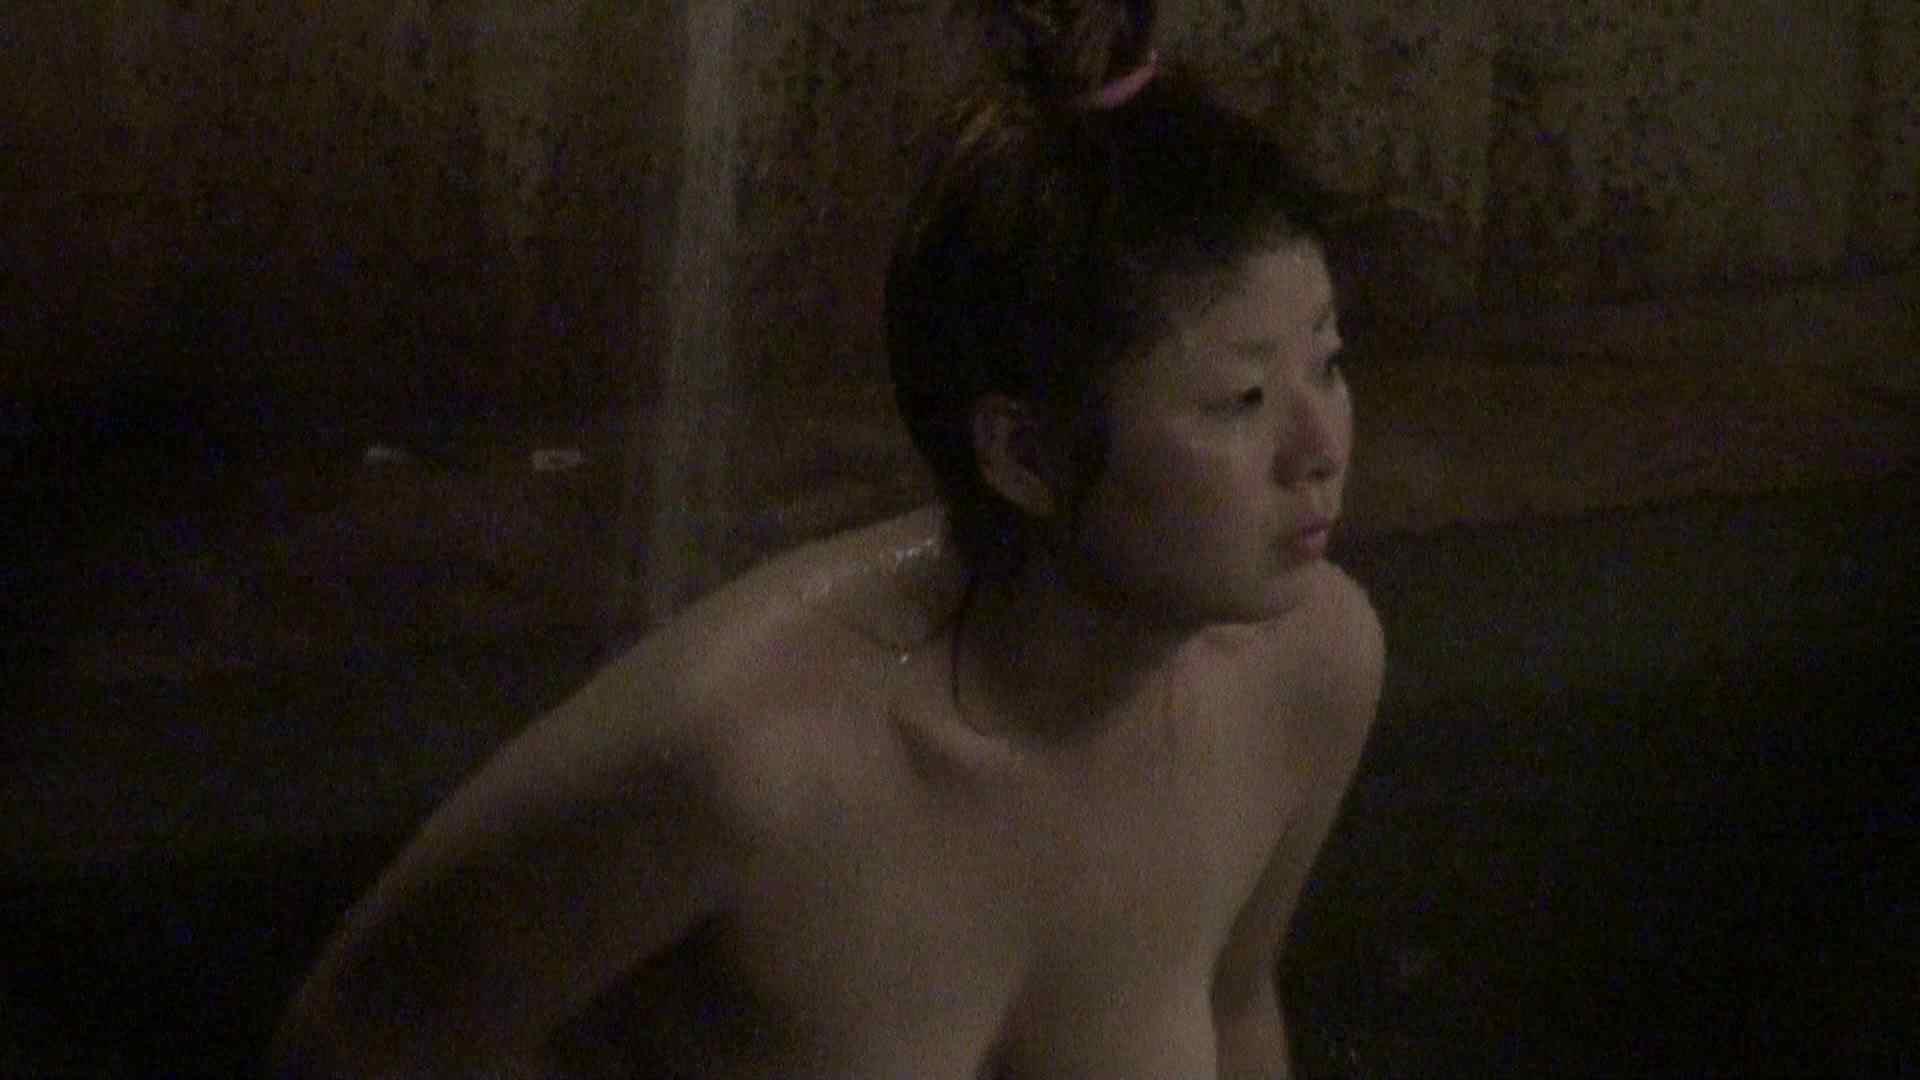 Aquaな露天風呂Vol.377 美しいOLの裸体 盗み撮り動画キャプチャ 105pic 101